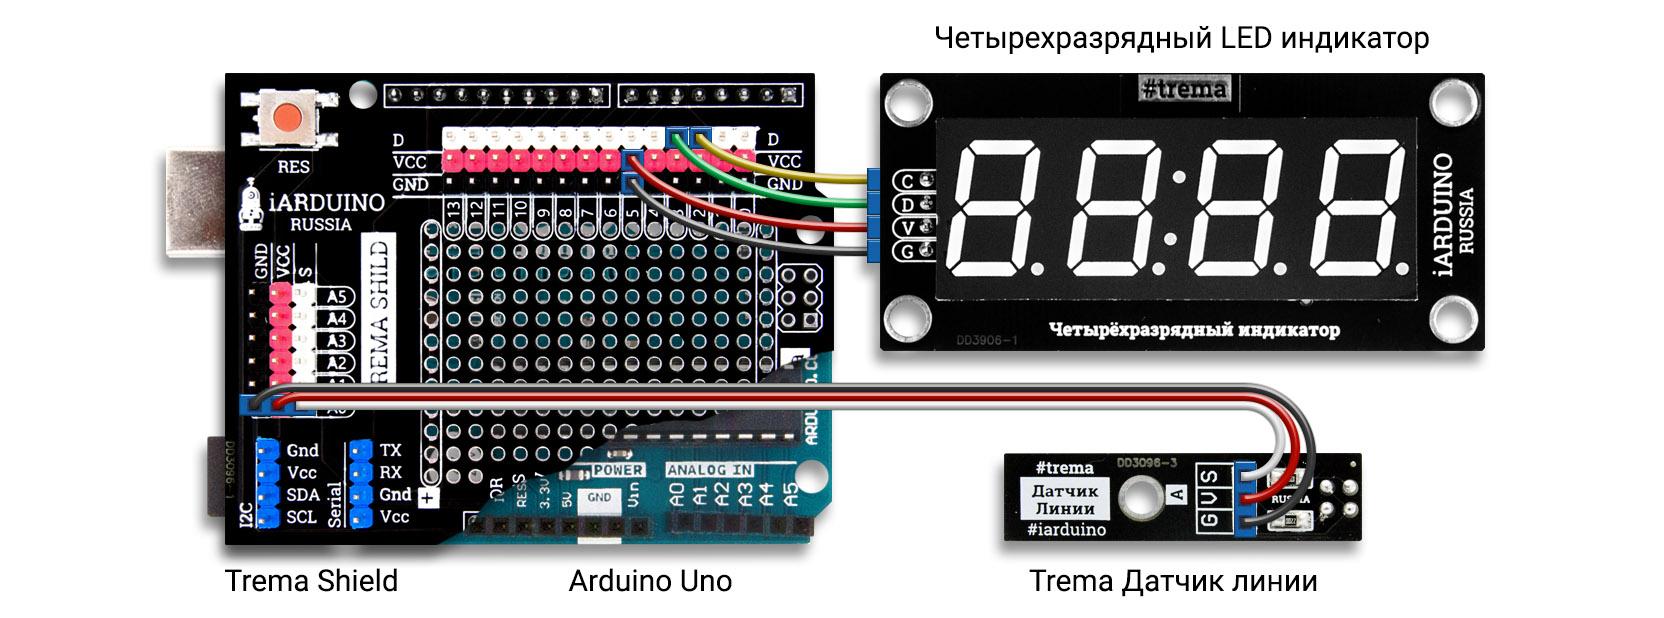 Схема тахометра на Arduino Uno